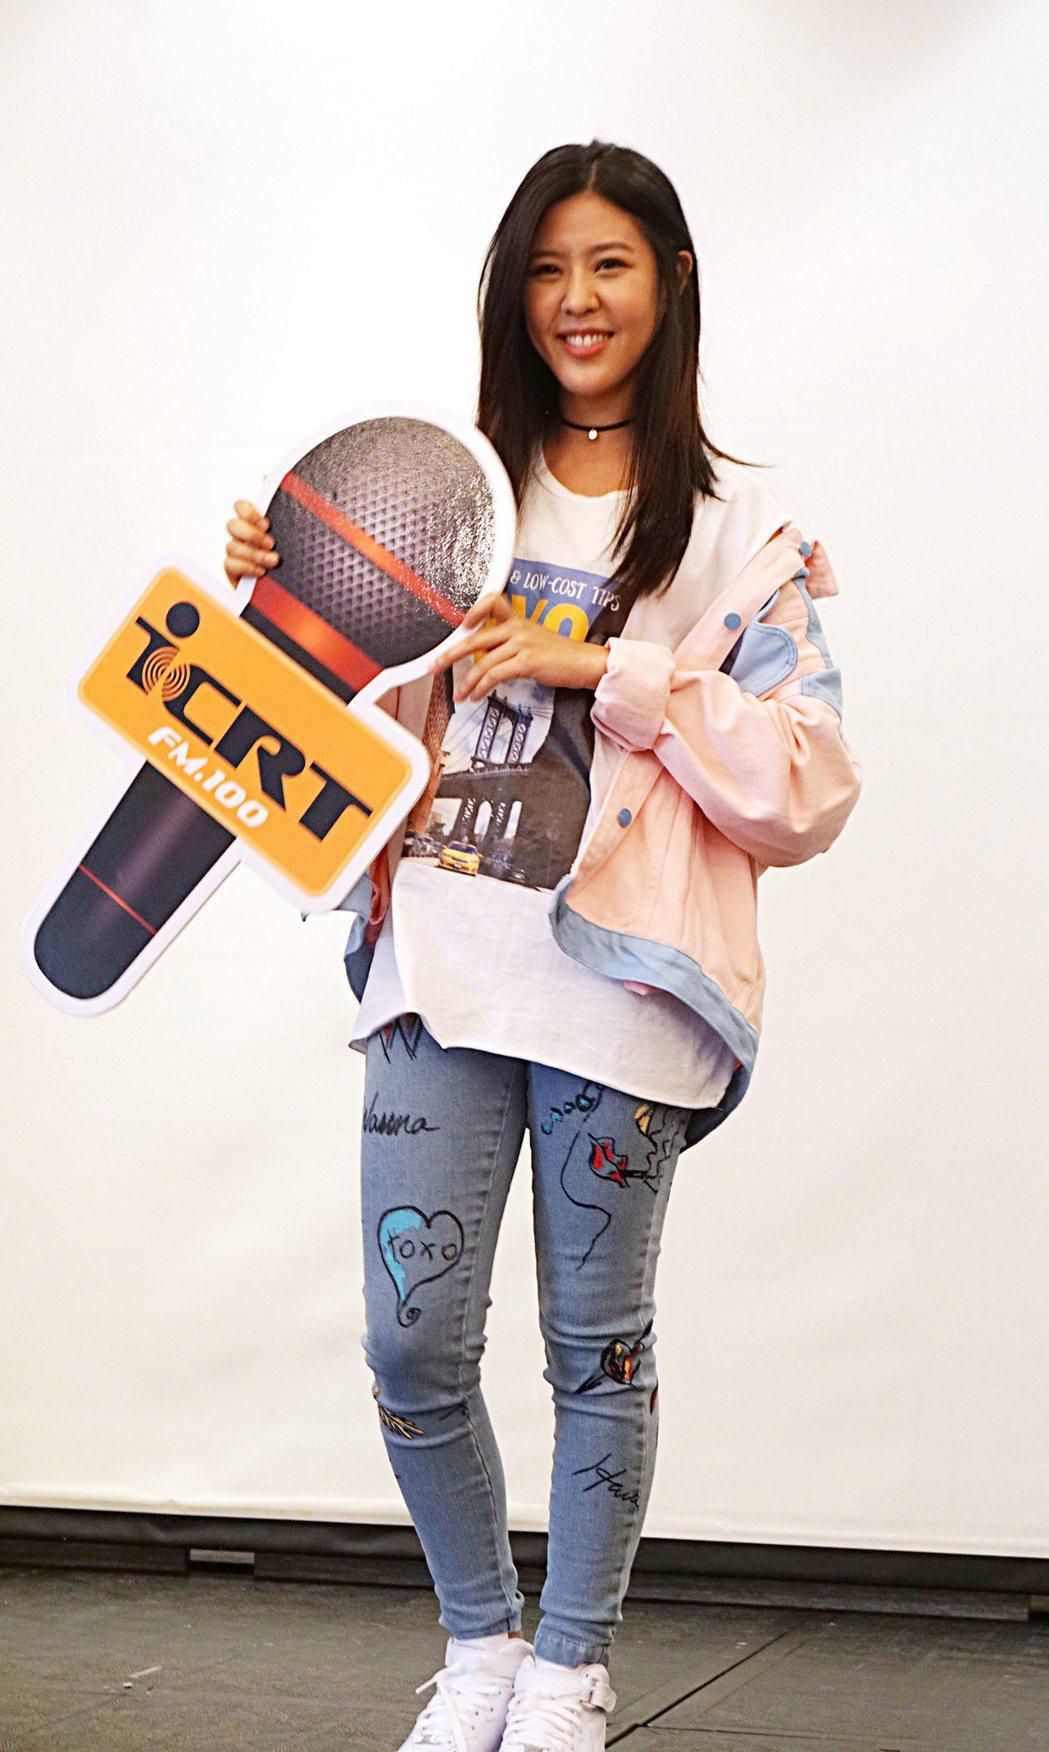 歌手Erika(劉艾立)正式入主ICRT主持群開節目,成為電台活力新女聲,有東西